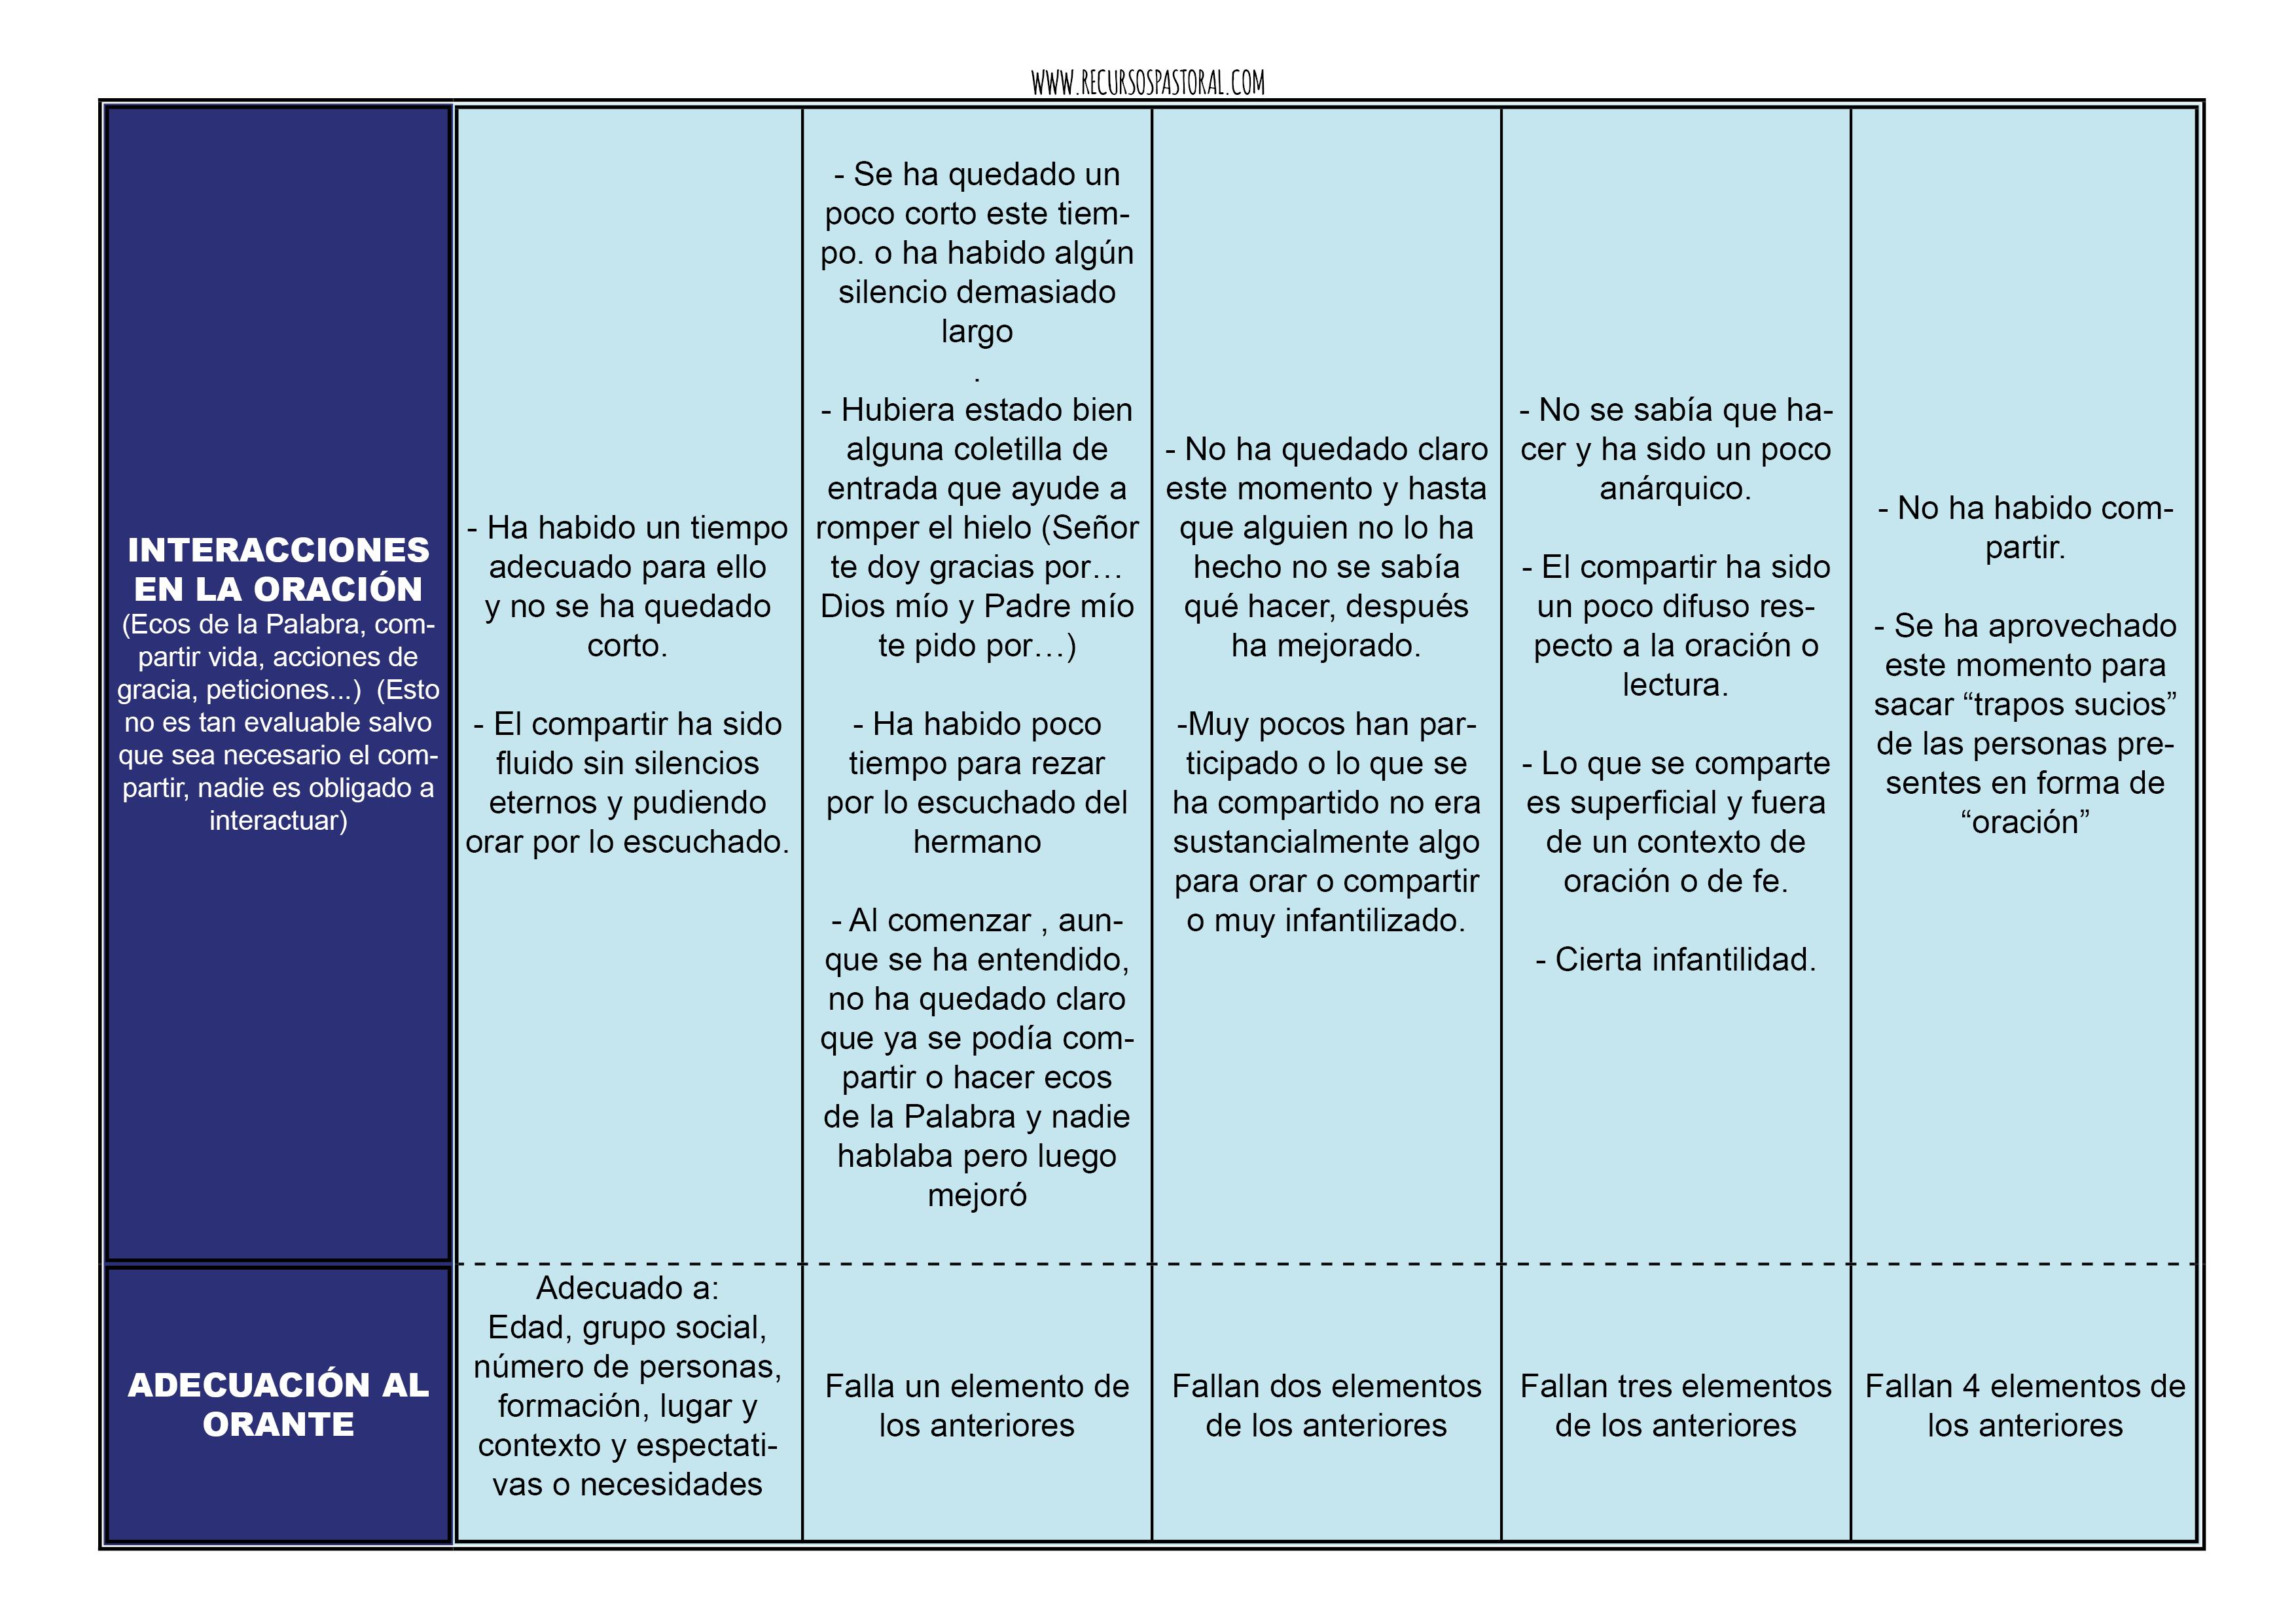 Rubrica oraciones3.png